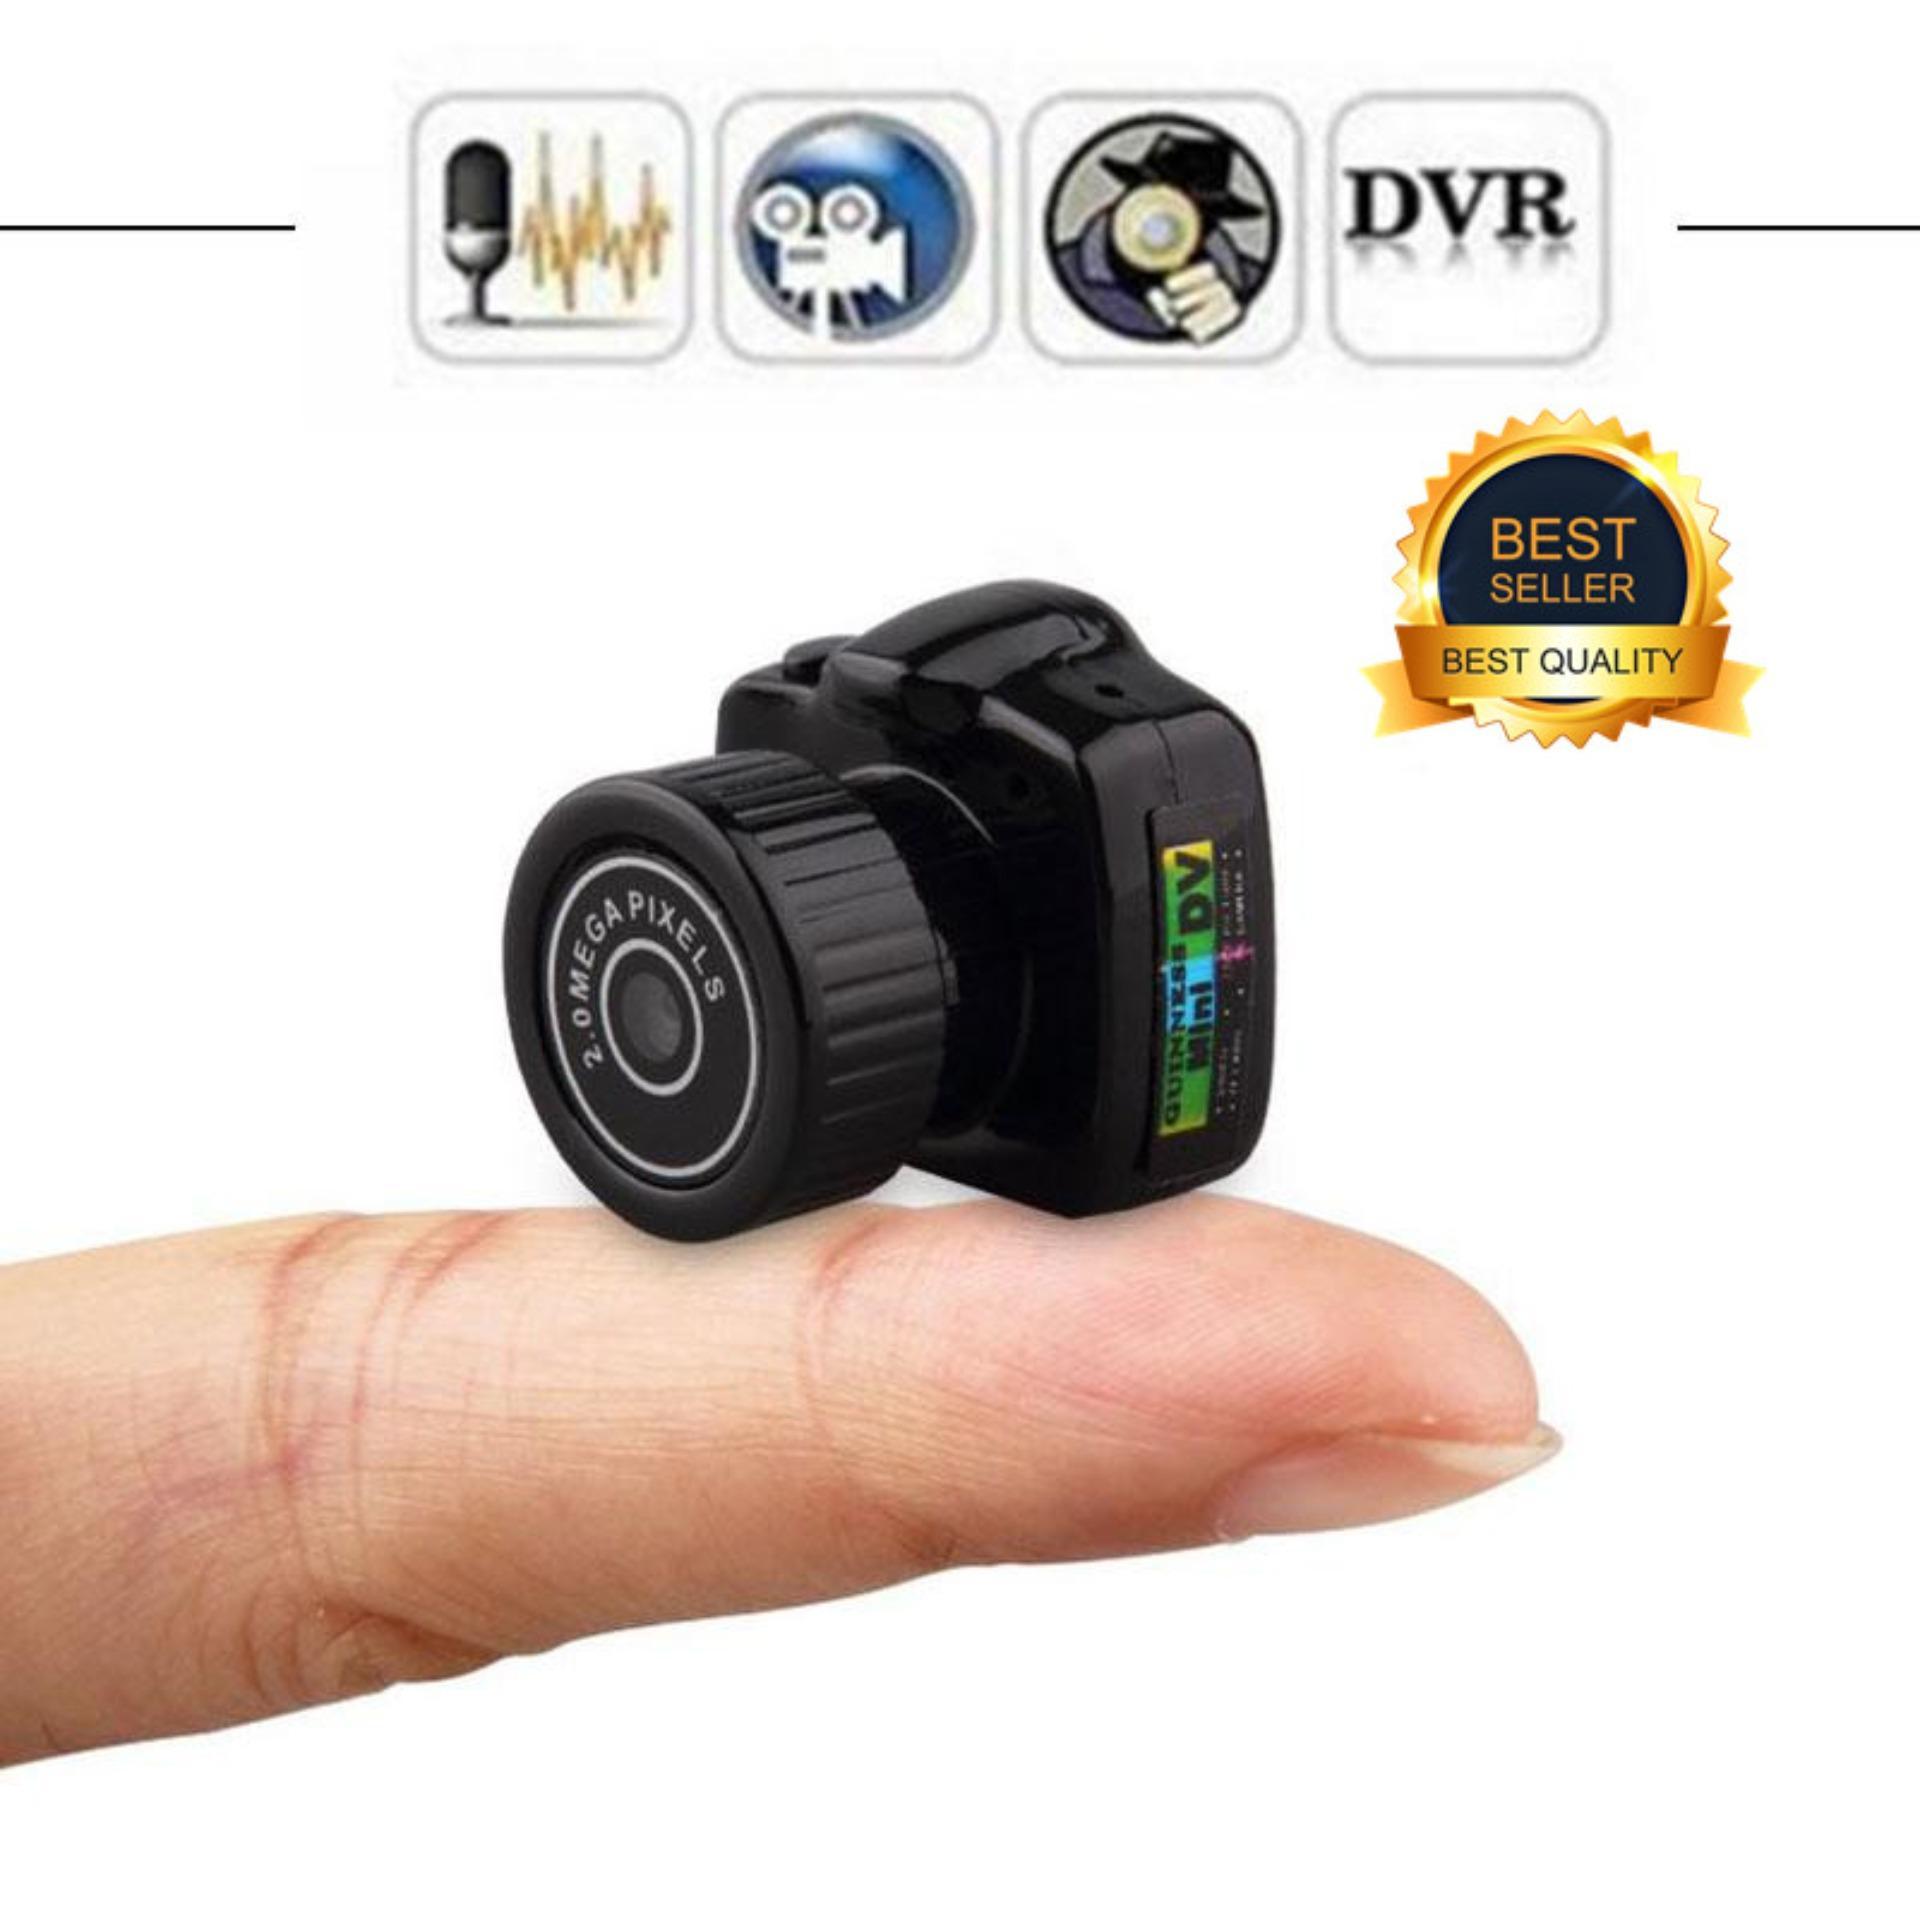 Lgds Kamera Perekam Pengintai Kecil Mini Hd Penuh, Perekam Video Dvr Kamera Web Untuk Keamanan By Legendseller.